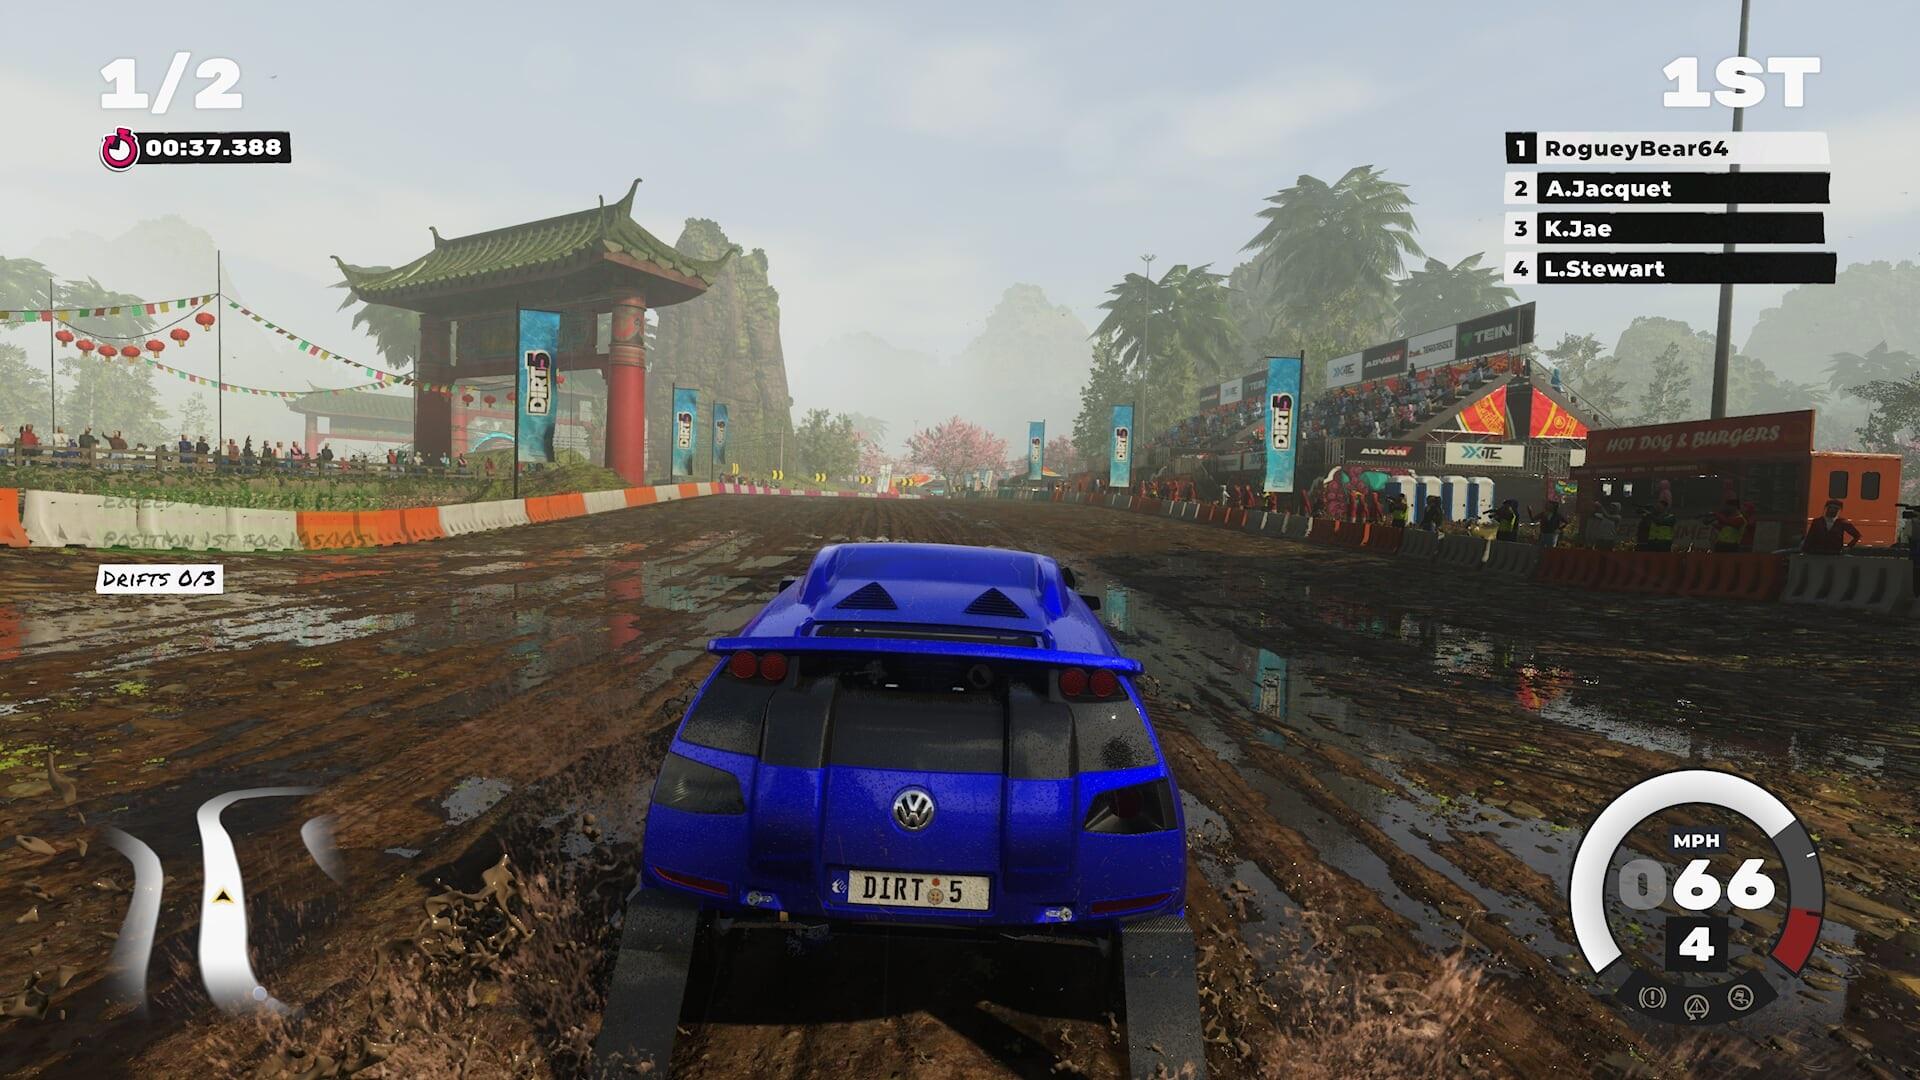 Dirt 5 race